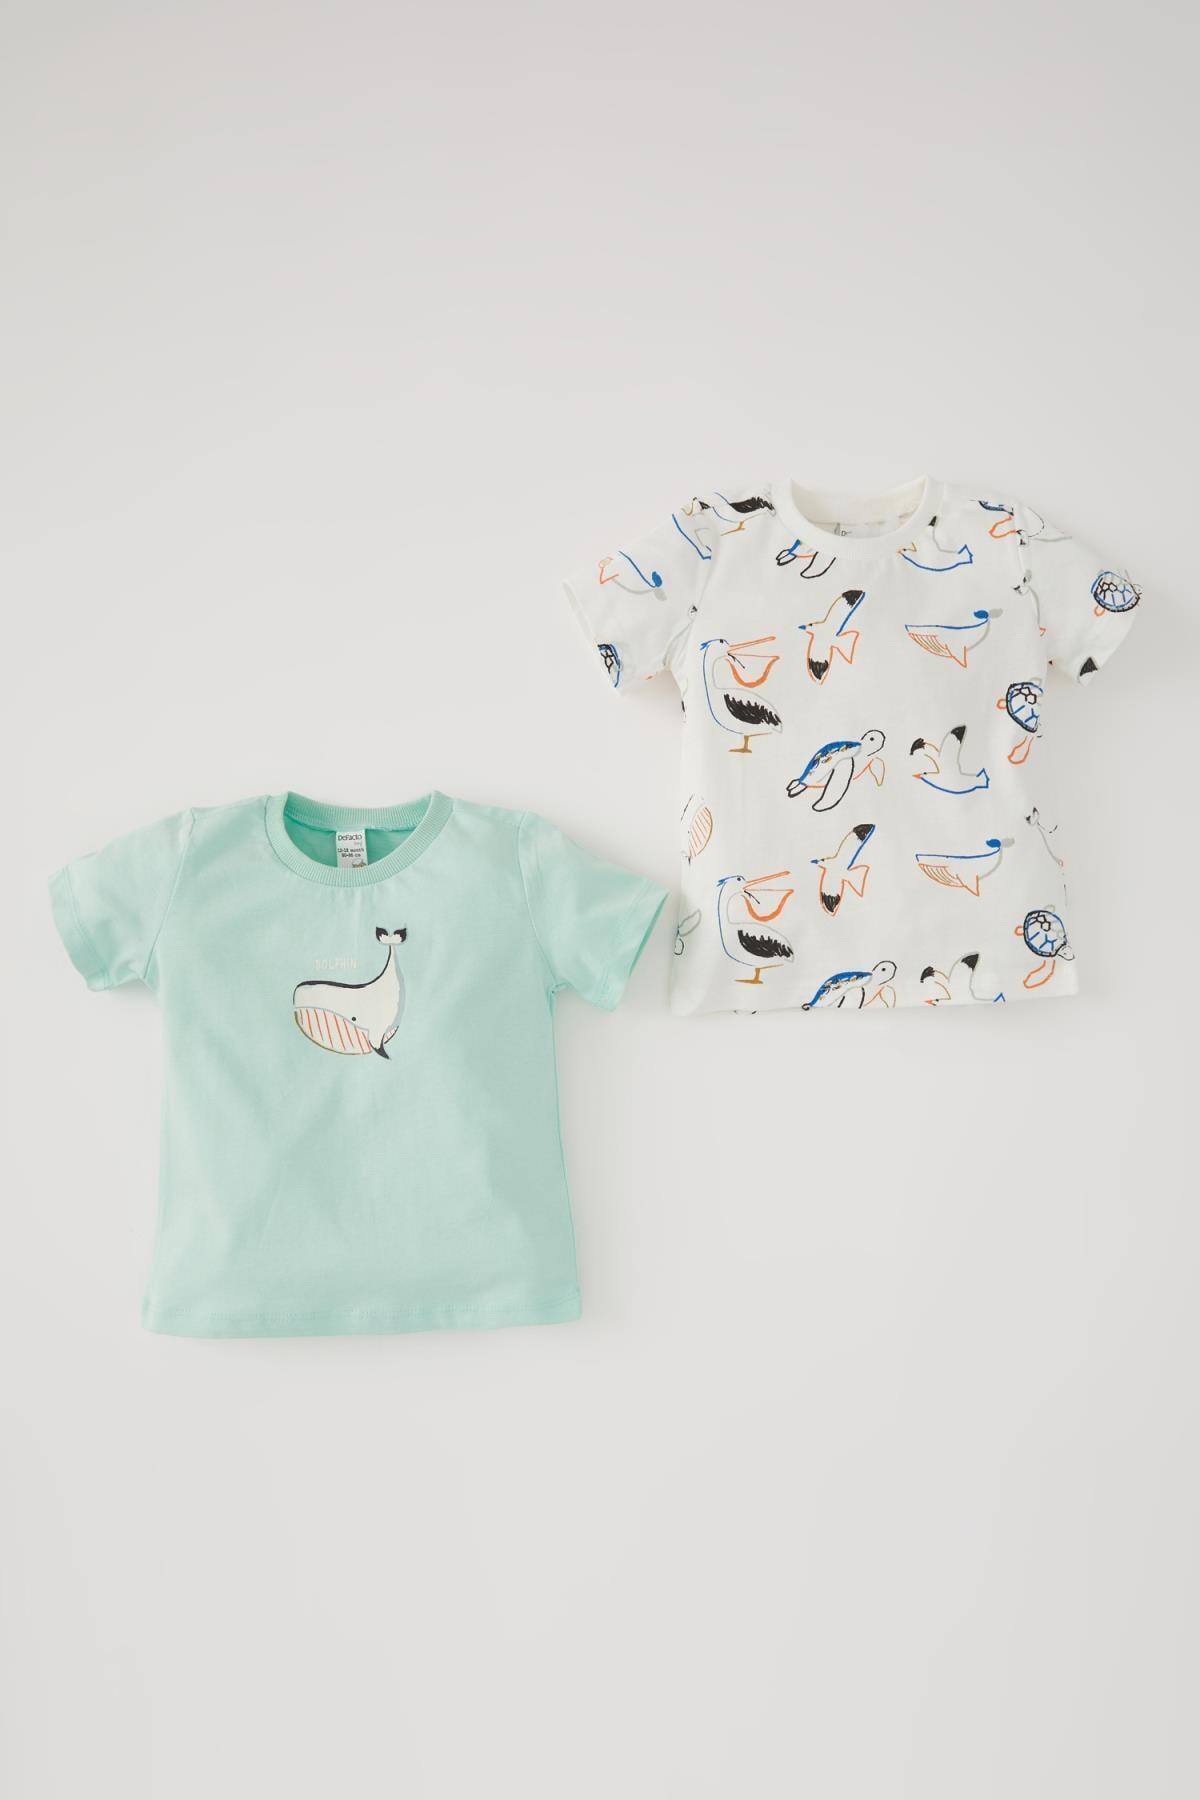 تیشرت نوزاد پسرانه مدل برند دفاکتو ترک رنگ فیروزه ای ty104895957